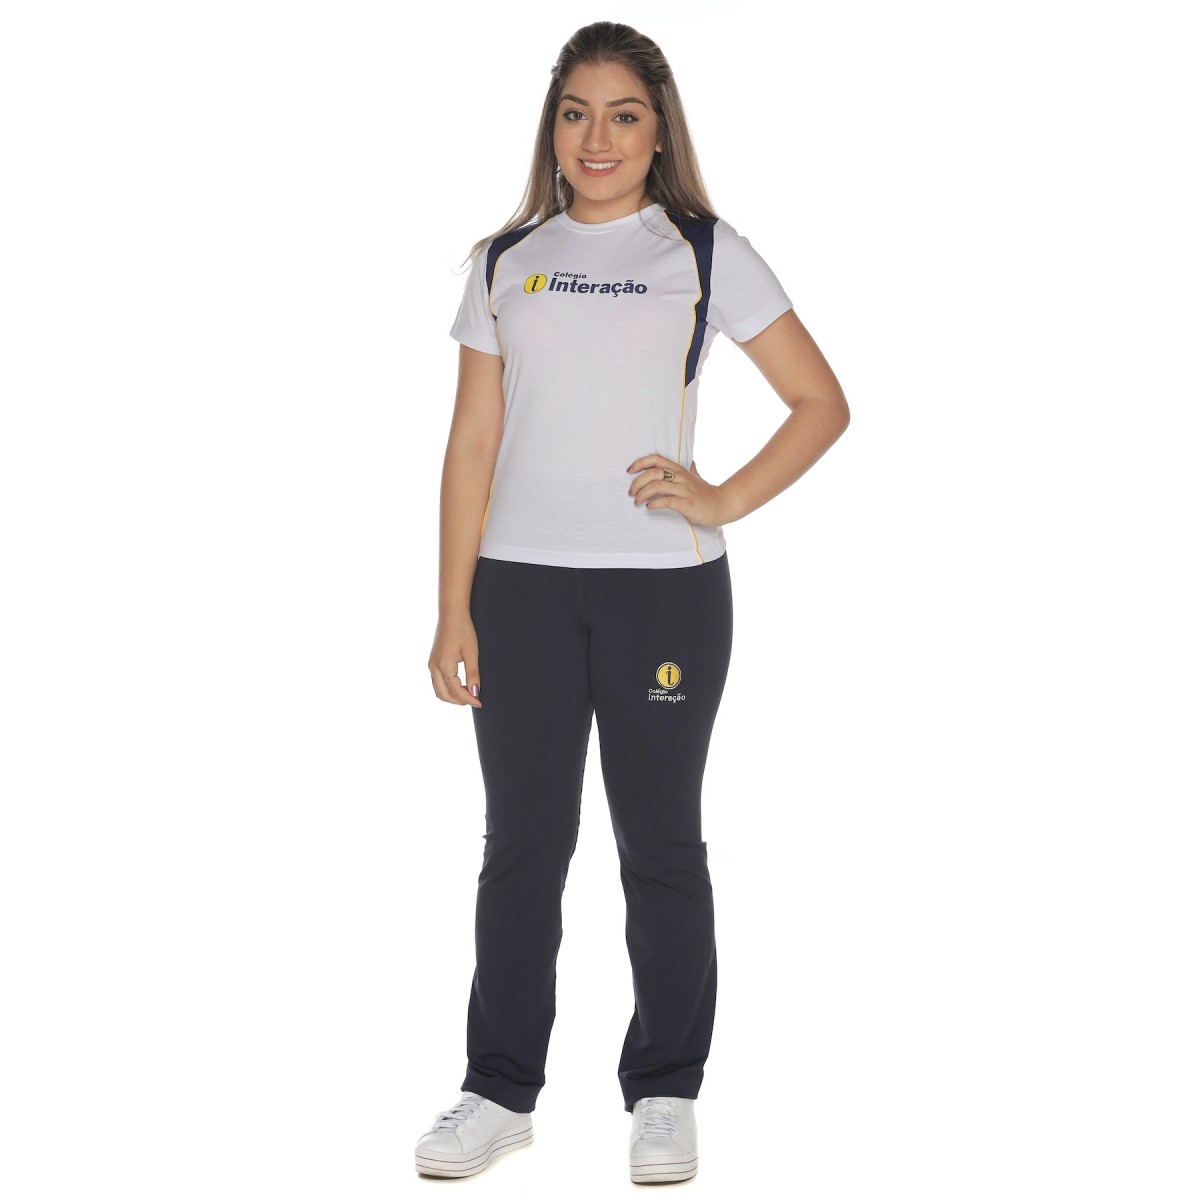 Calça Bailarina De Suplex - Colégio Interação